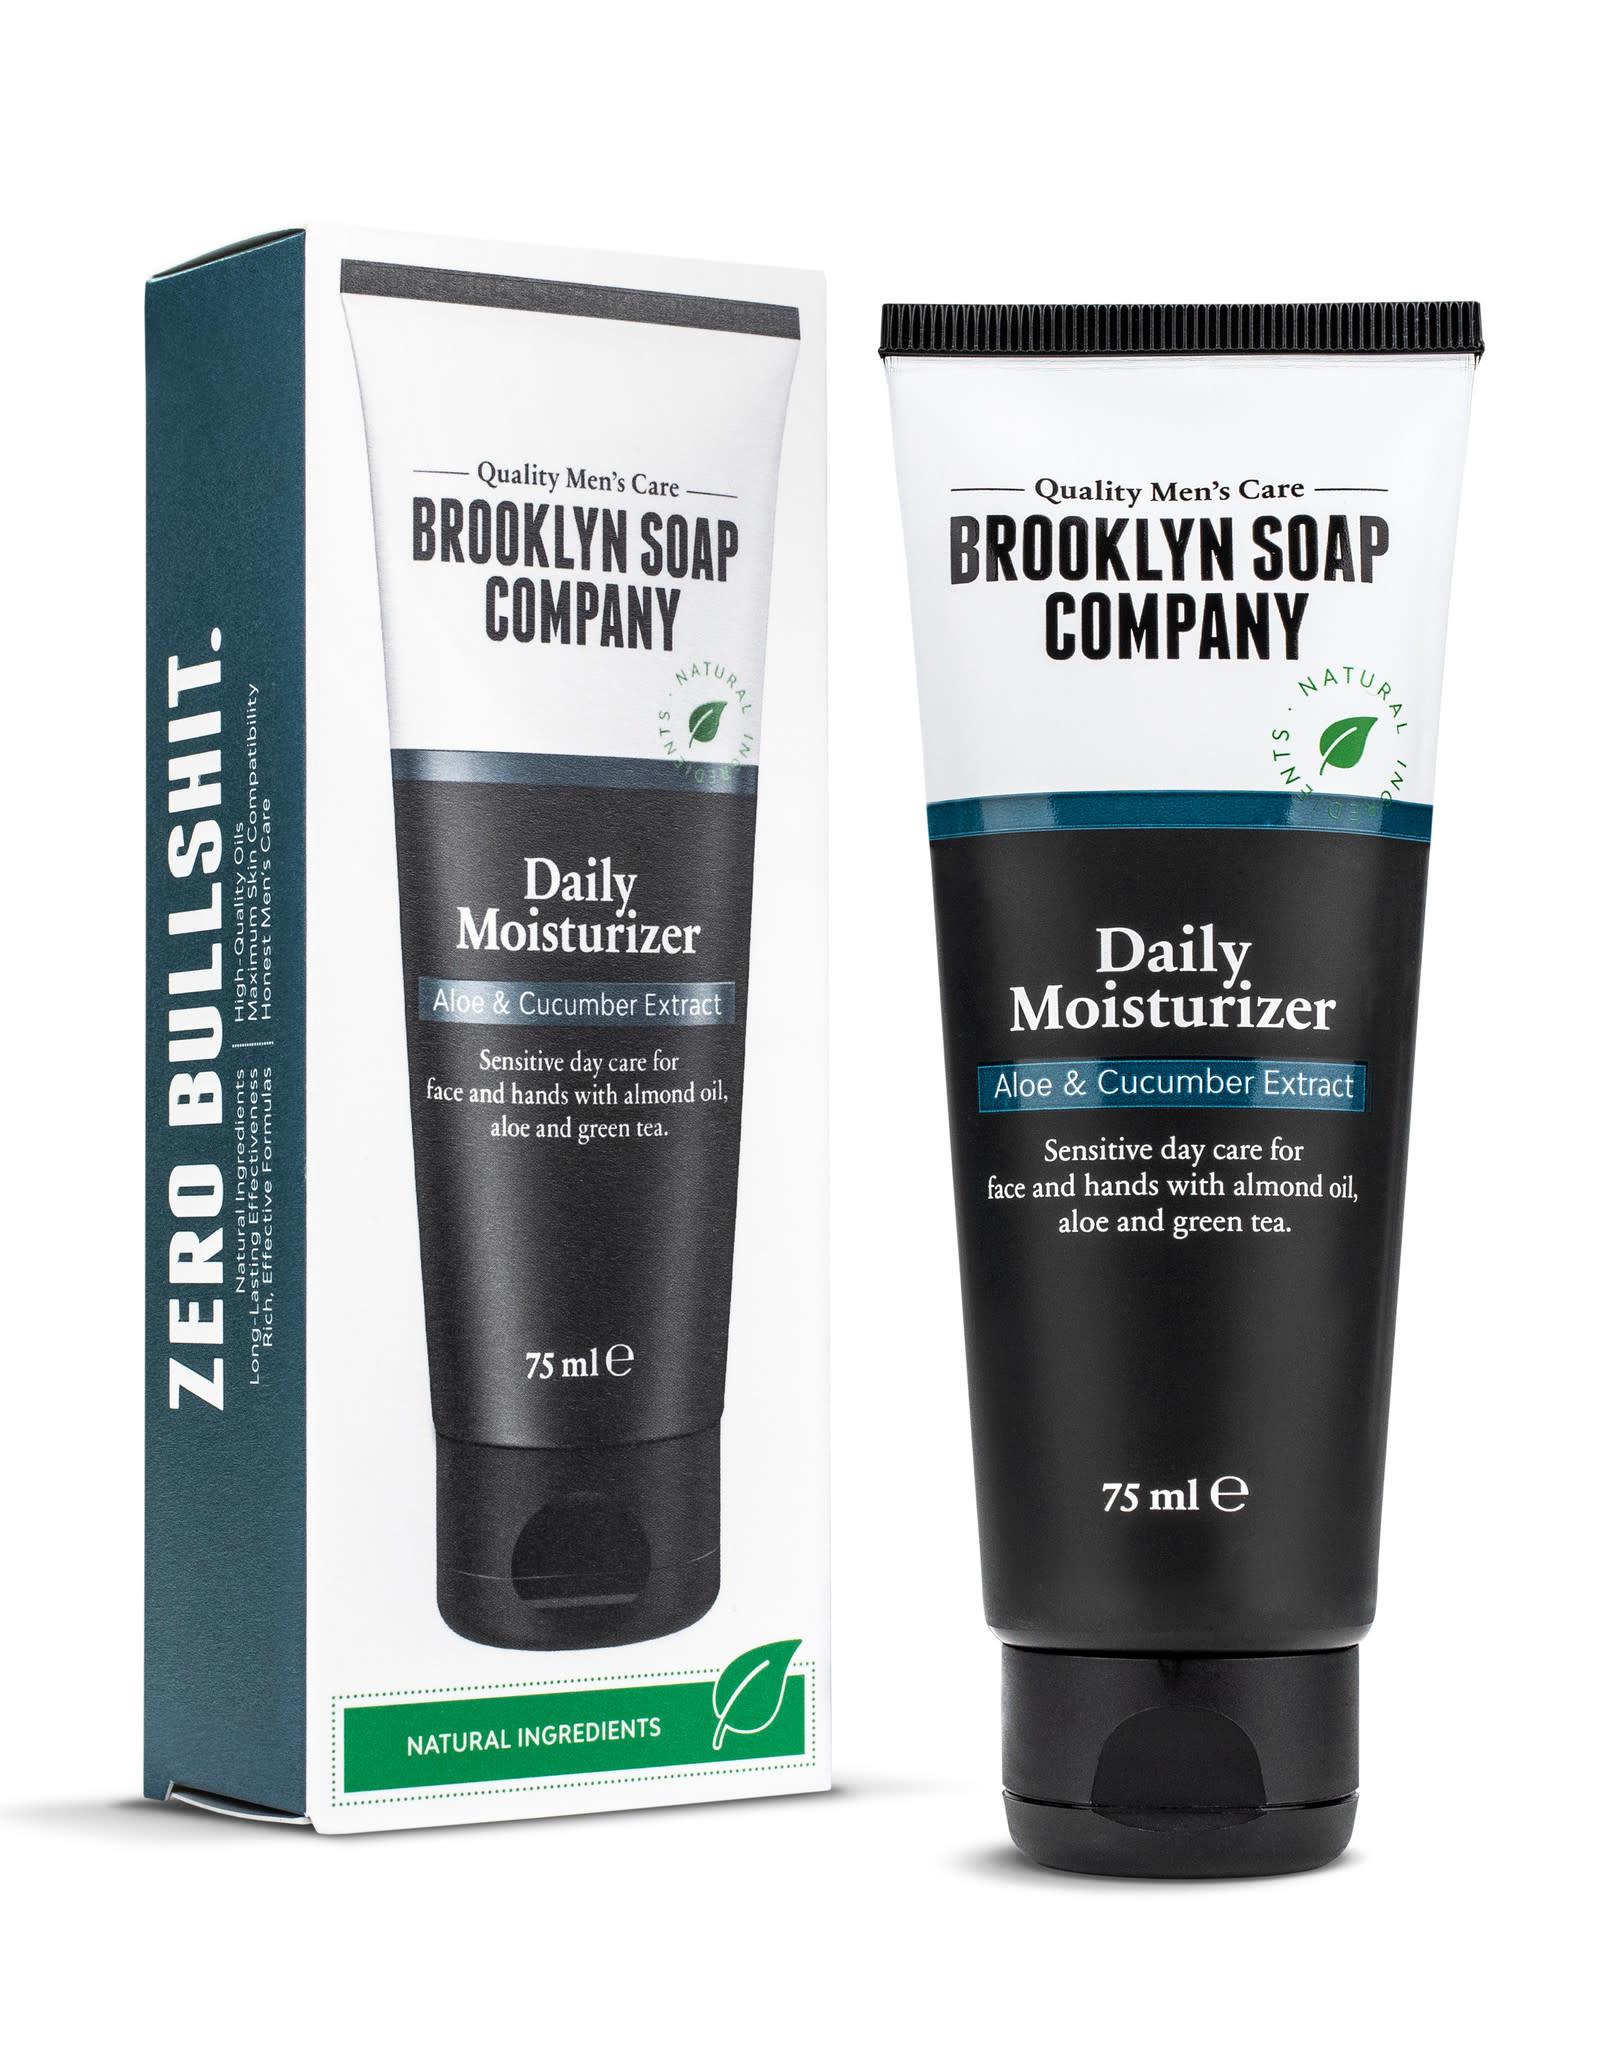 Brooklyn Soap Company Brooklyn Soap Company Daily Moisturizer 75ml